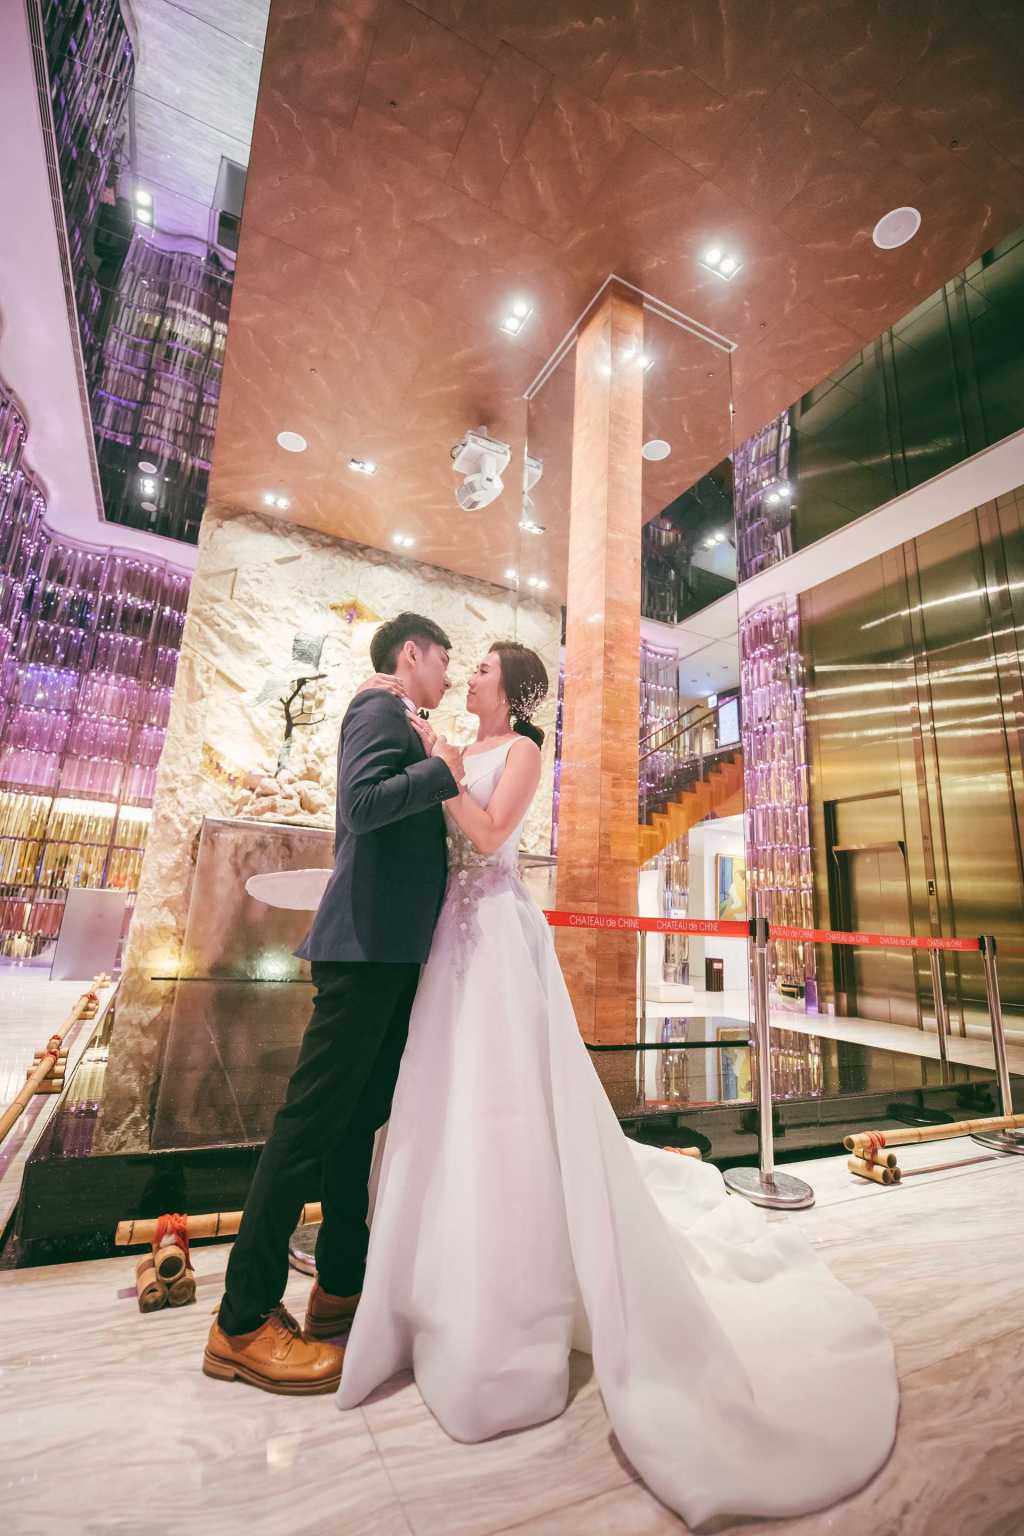 婚禮攝影,幸福婚攝,婚禮攝影,婚攝,婚禮攝影師,婚禮攝影ptt,婚攝ptt